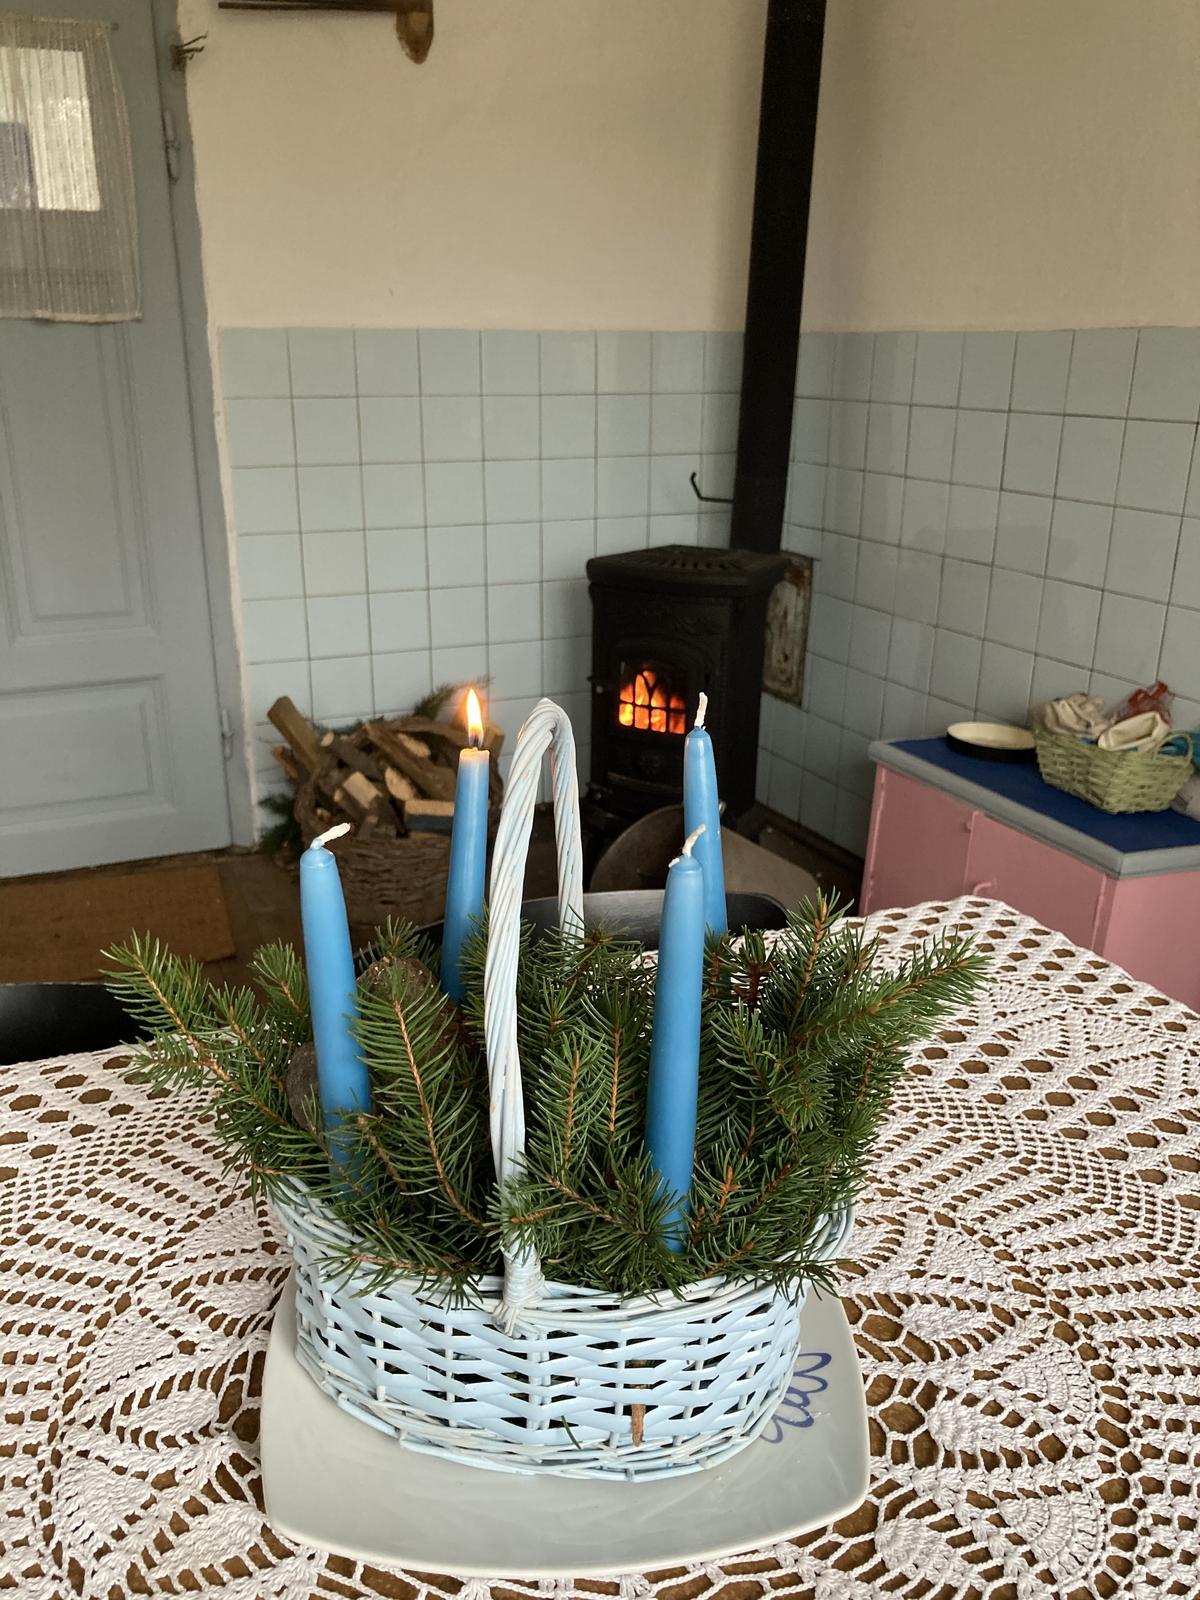 Dom - prvá adventná na prvý advent v tomto dome ;)